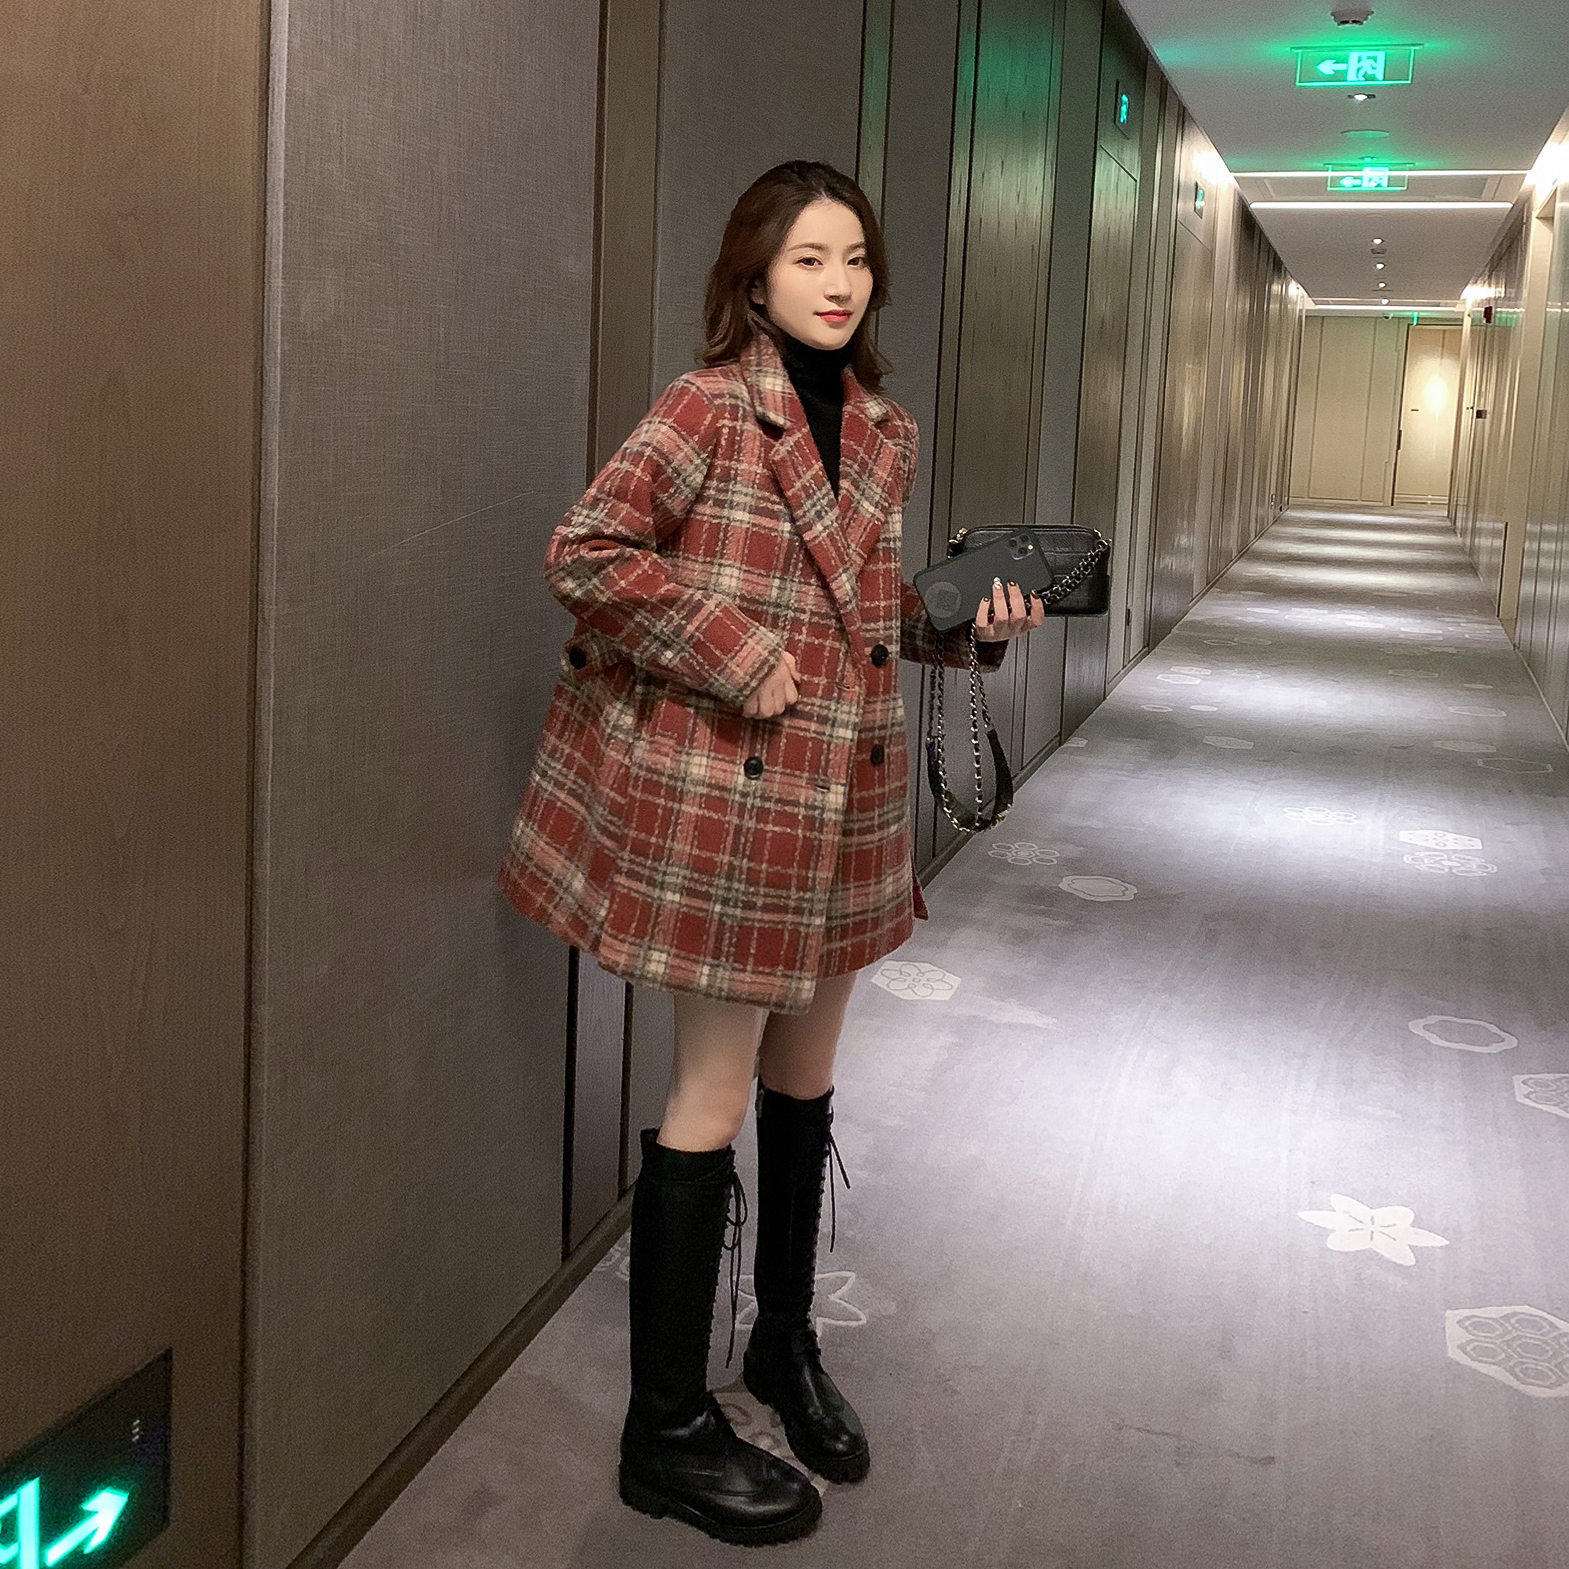 2019冬装新款韩版格子中长款毛呢大衣女加厚学生外套宽松复古上衣-烔炜服饰-